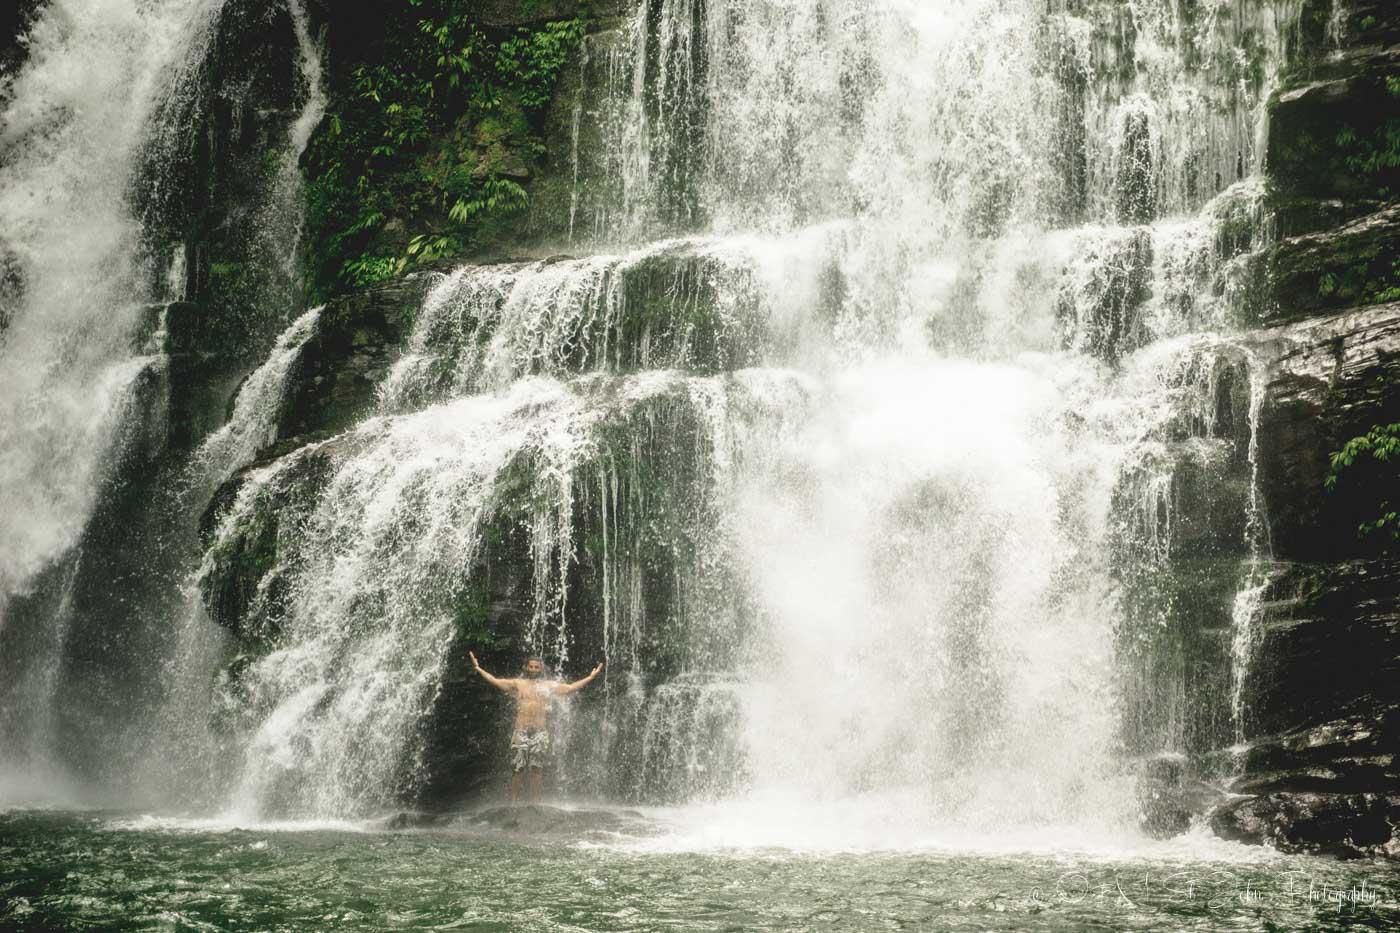 Max enjoying the chilly morning waters at the Nauyaca Falls